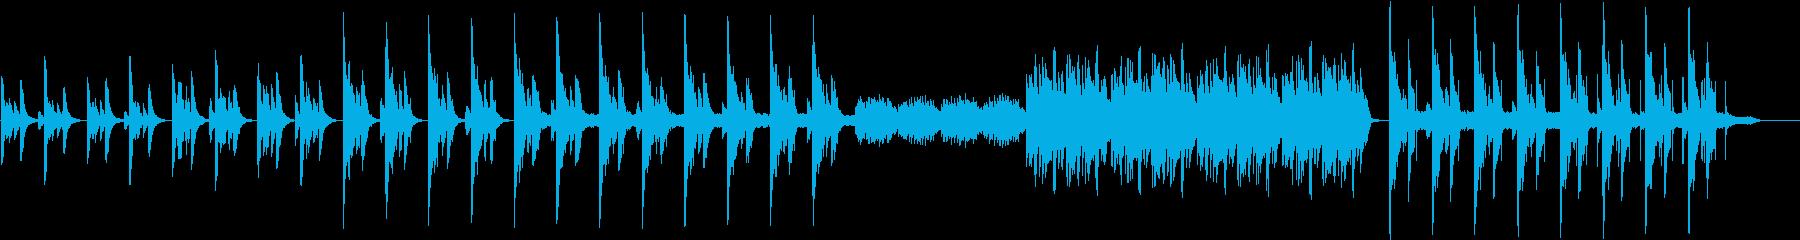 琴の音色でメロディーインストの再生済みの波形